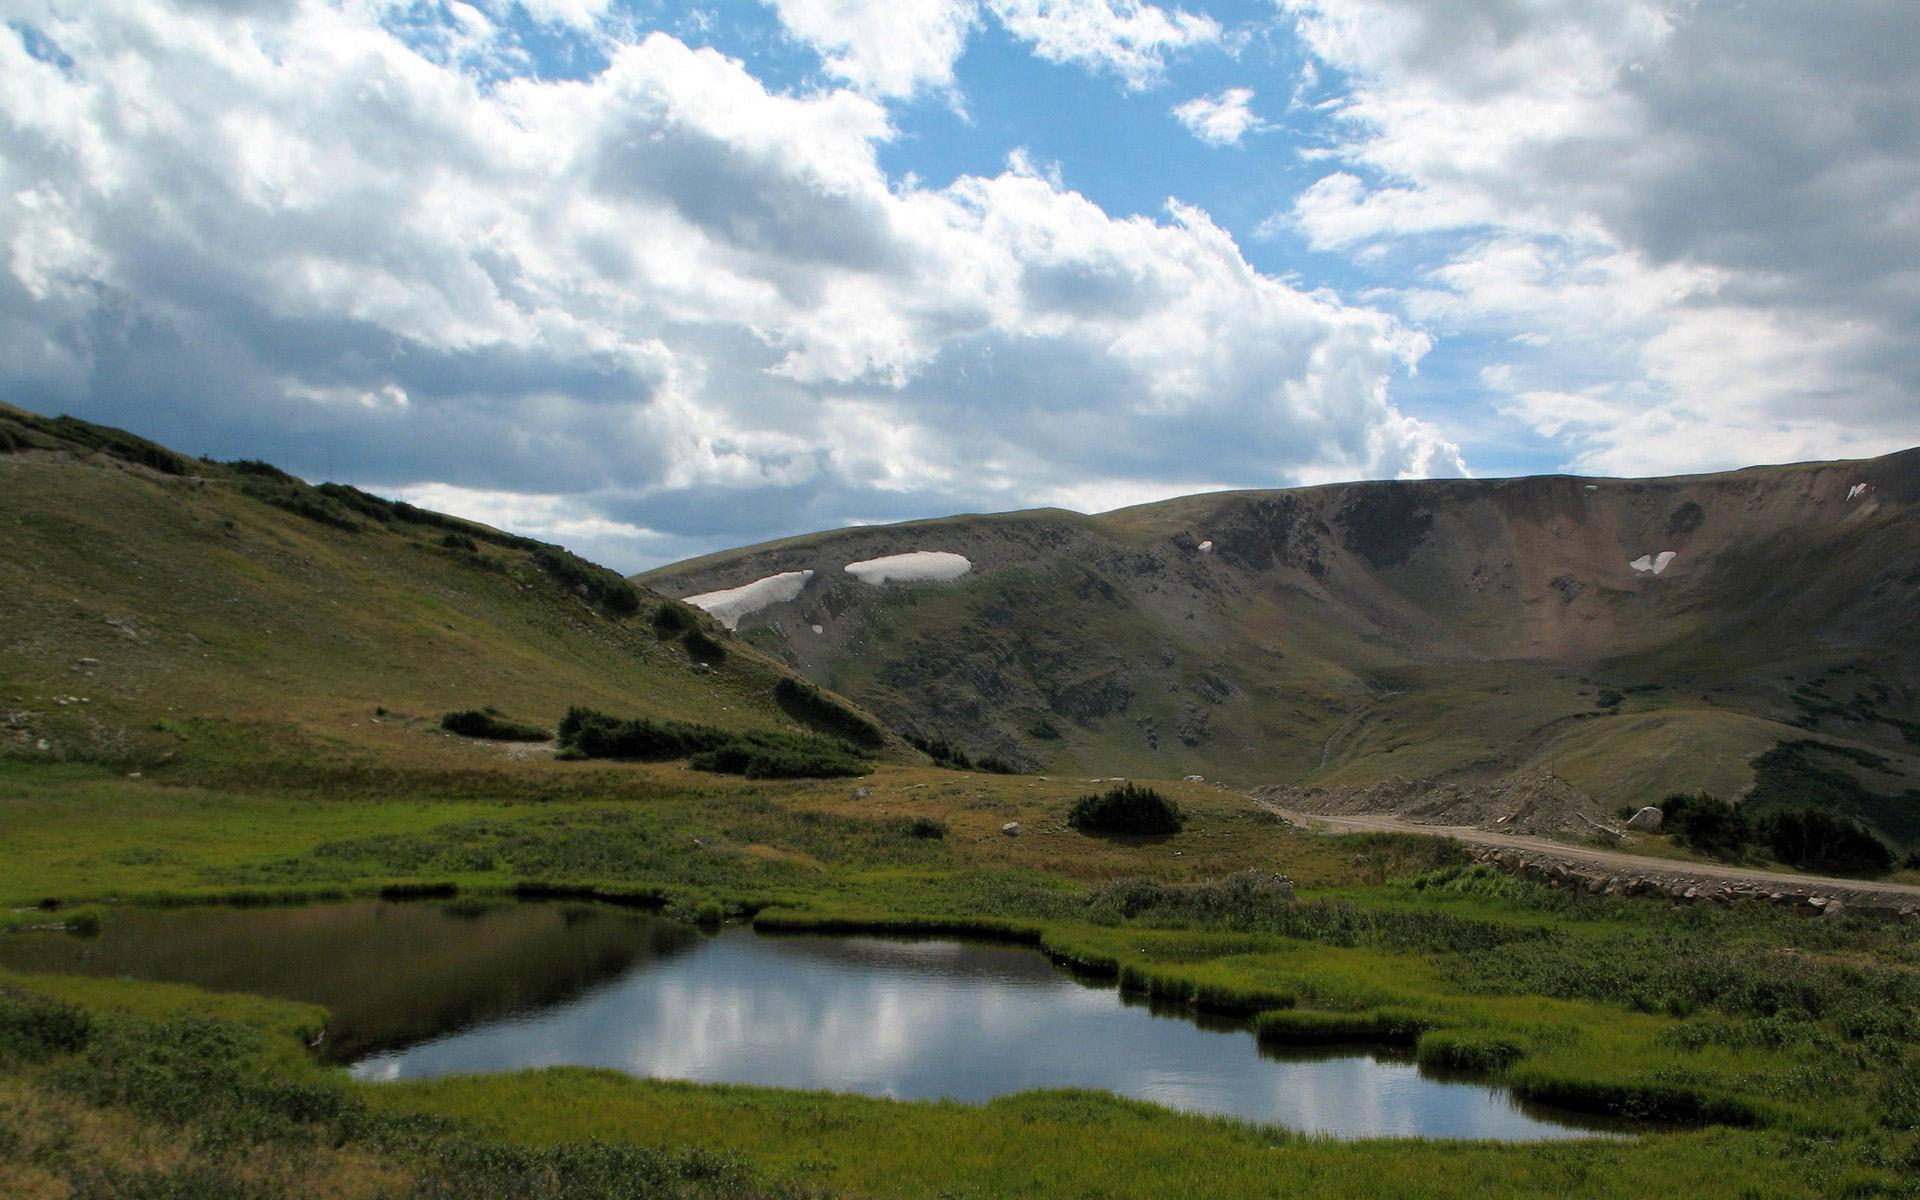 широкоэкранные обои, озеро, горы, природа hd